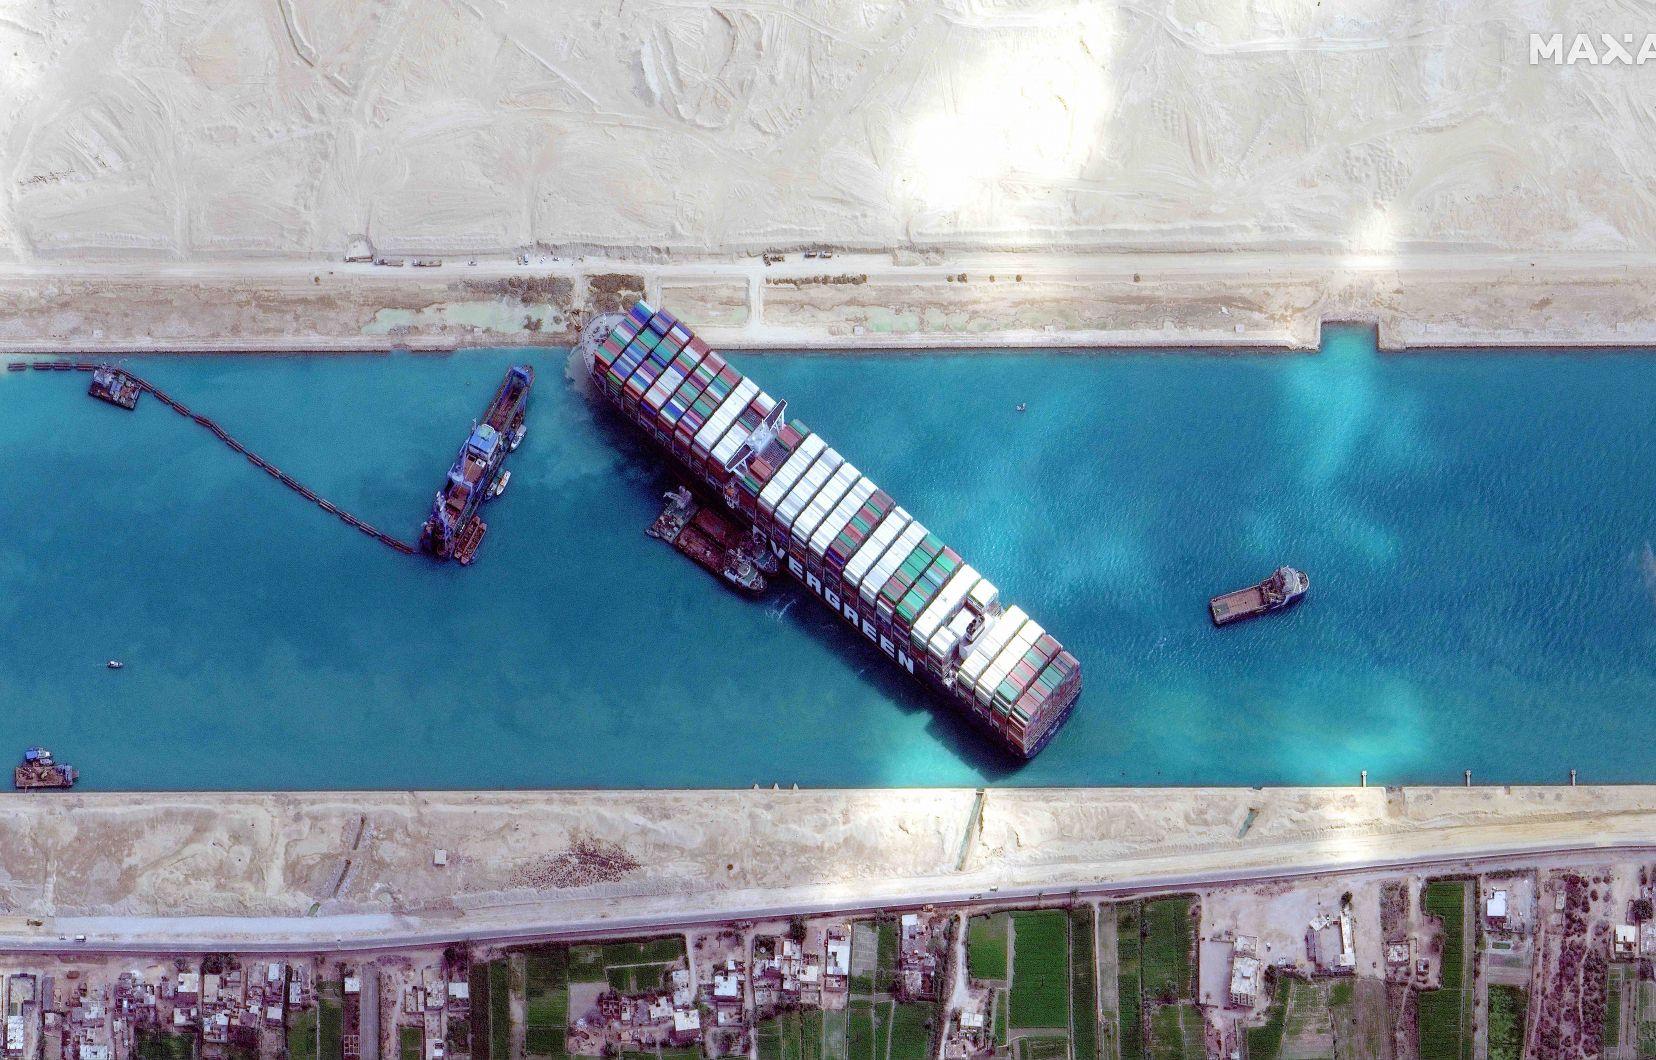 Blocage du canal de Suez : L'Egypte veut 900 millions de dollars de dédommagement